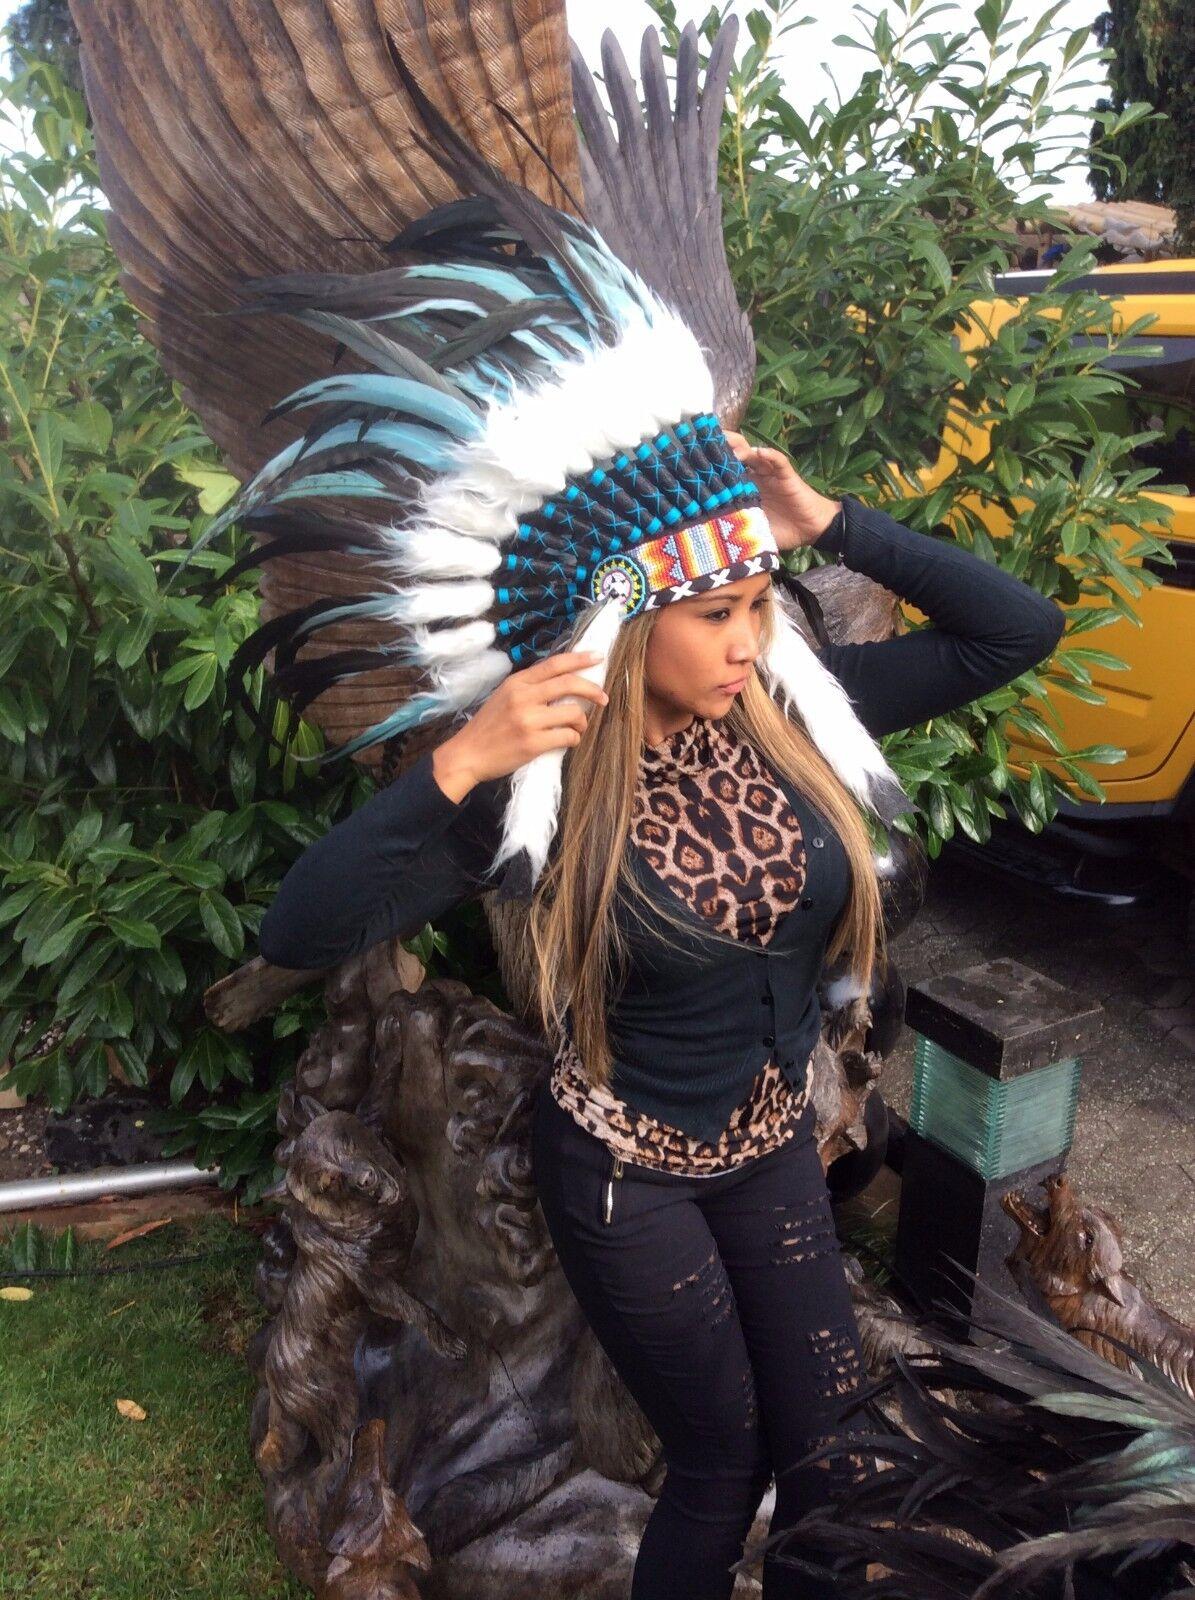 Ressort hotte, missjava, était Bonnet, Indian Indienne, Headdress, Coiffe Indienne, Indian Squaw, Pocahontas d38a60